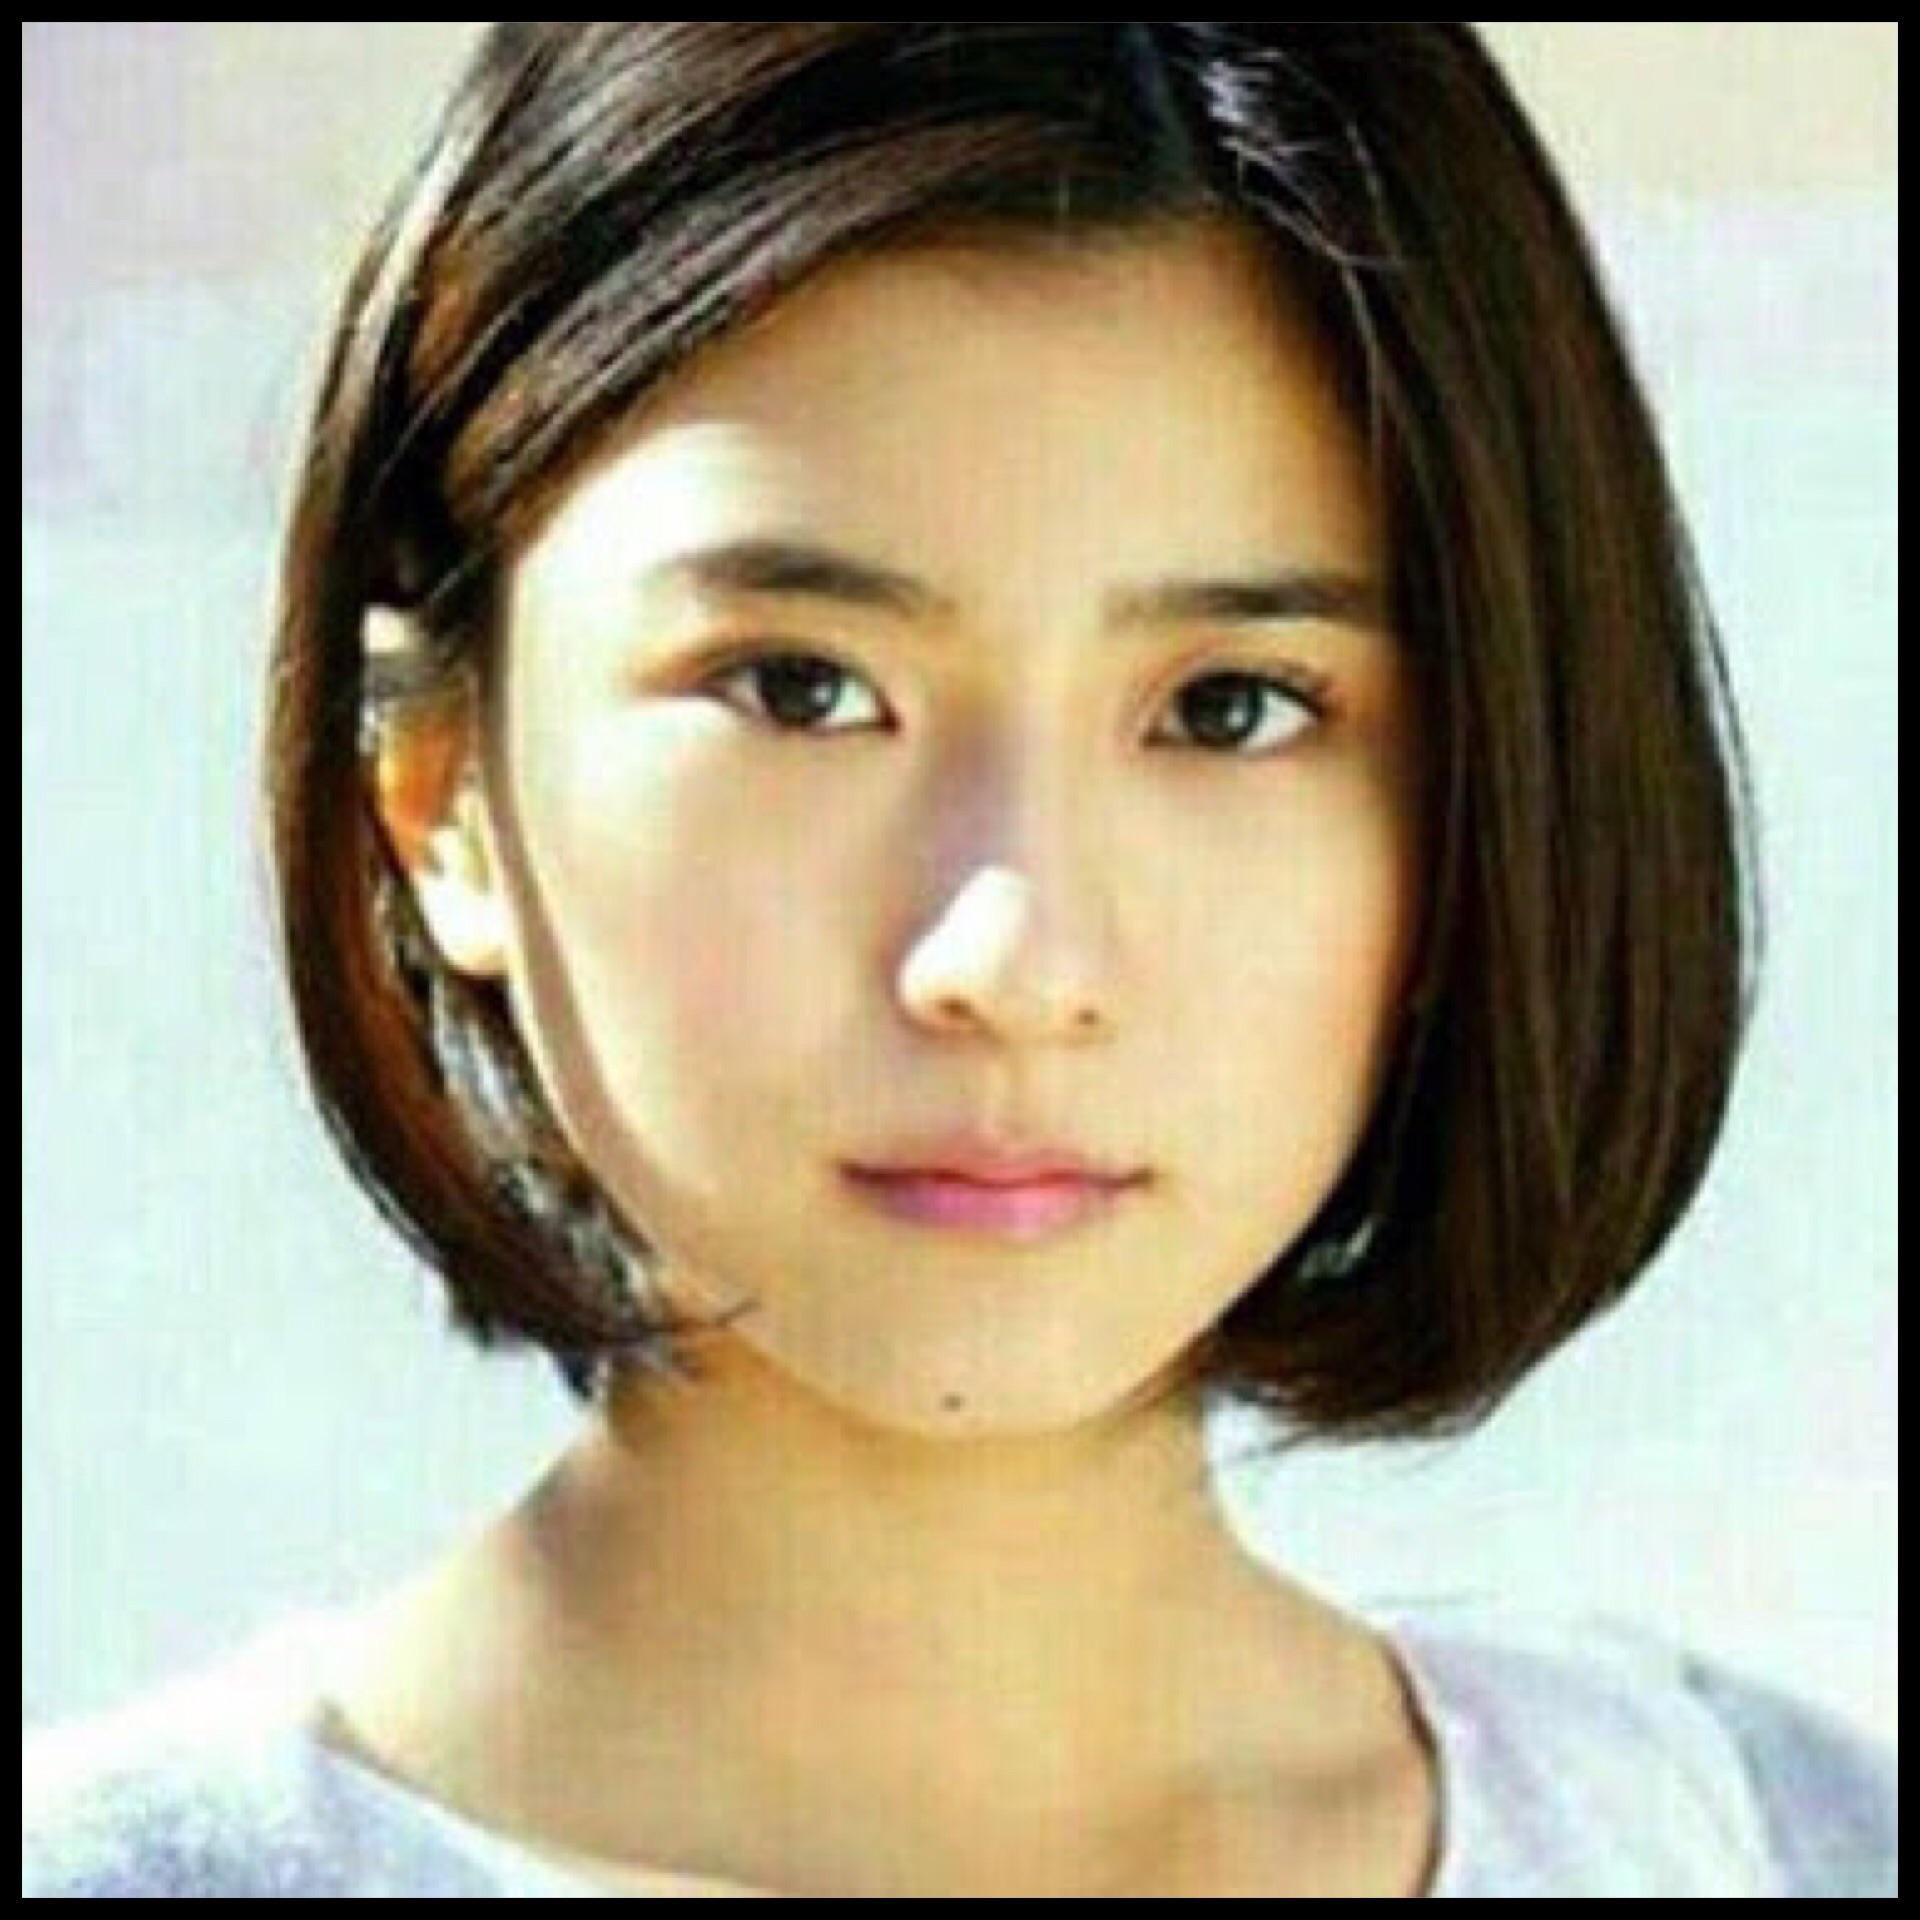 黒島結菜は、目元と太い眉毛がかわいいチャームポイントの女優。性格や